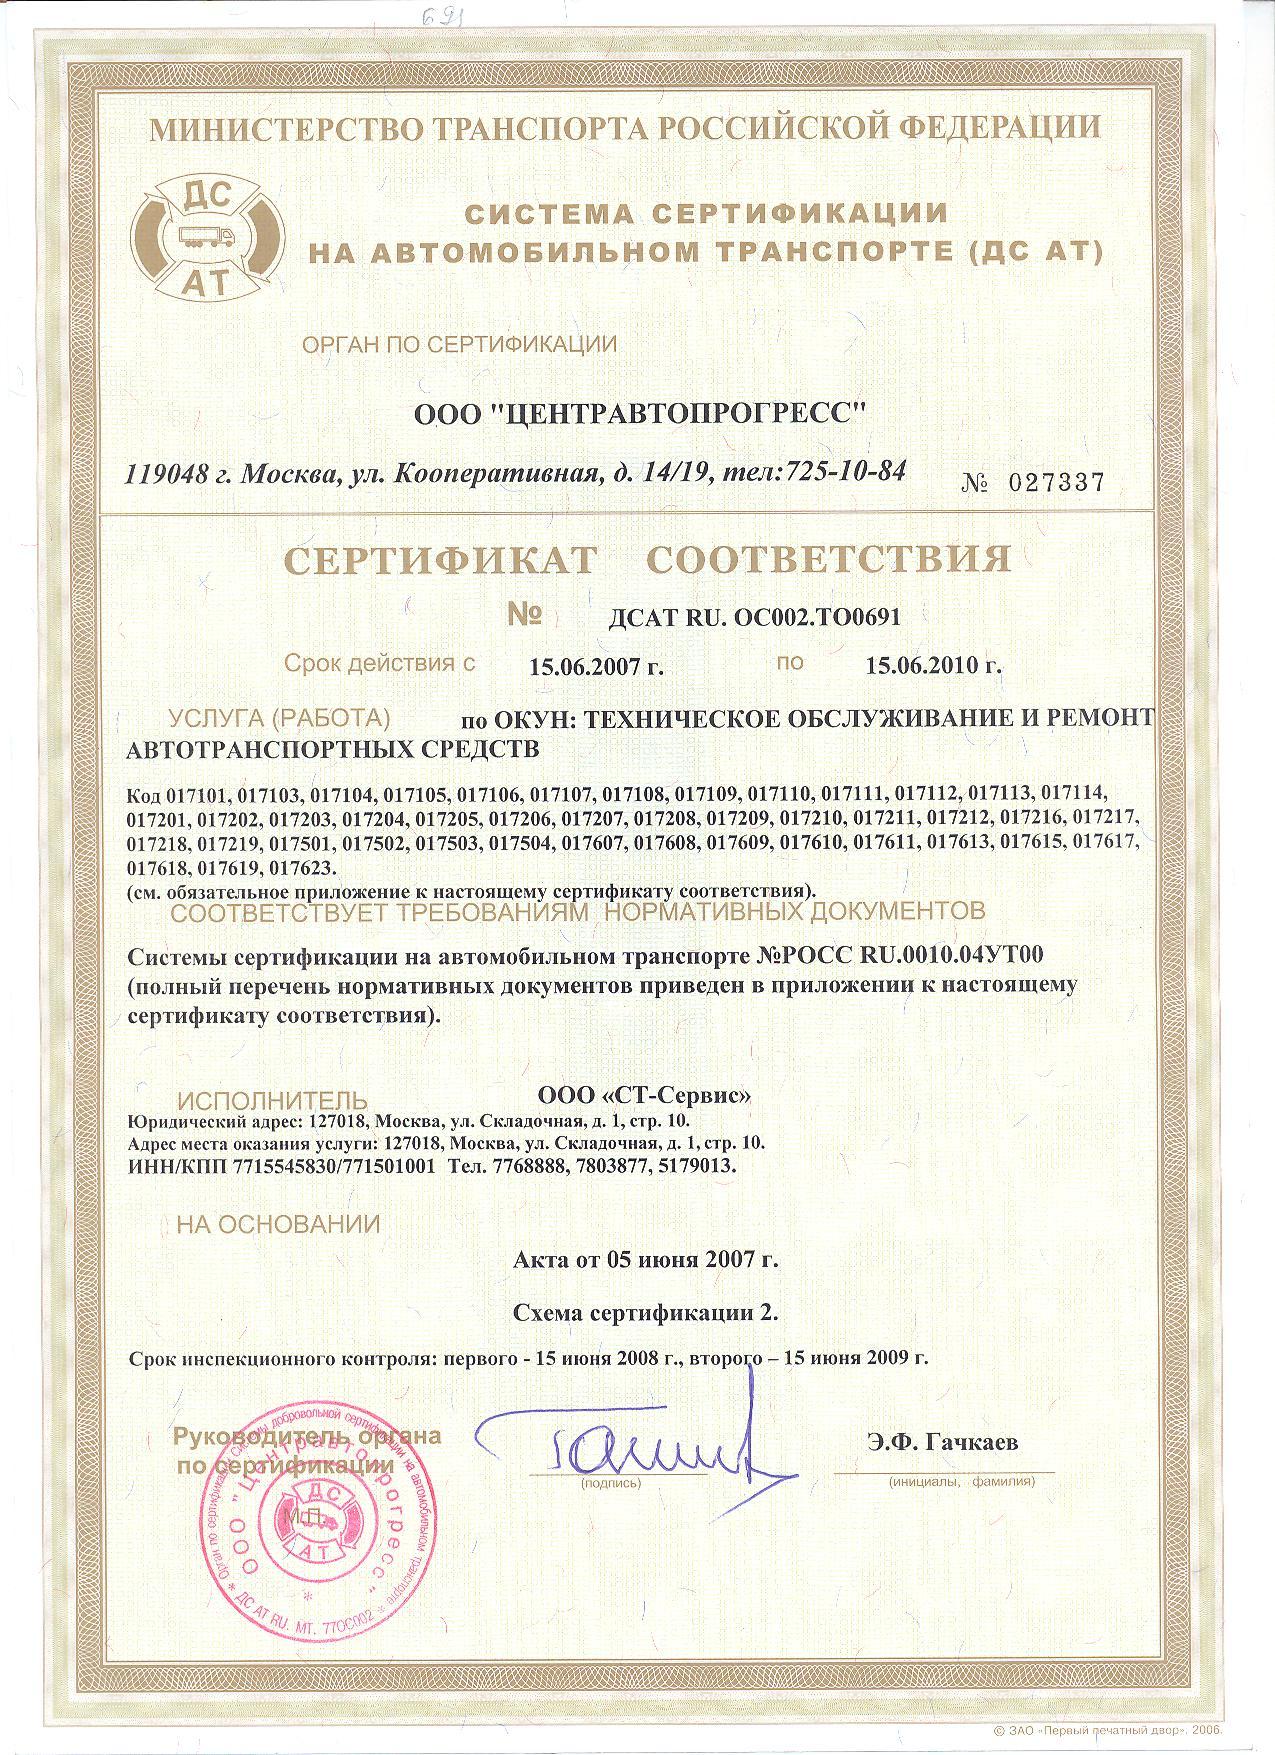 Сертификат соответствия на перевозку пассажиров автомобильным транспортом